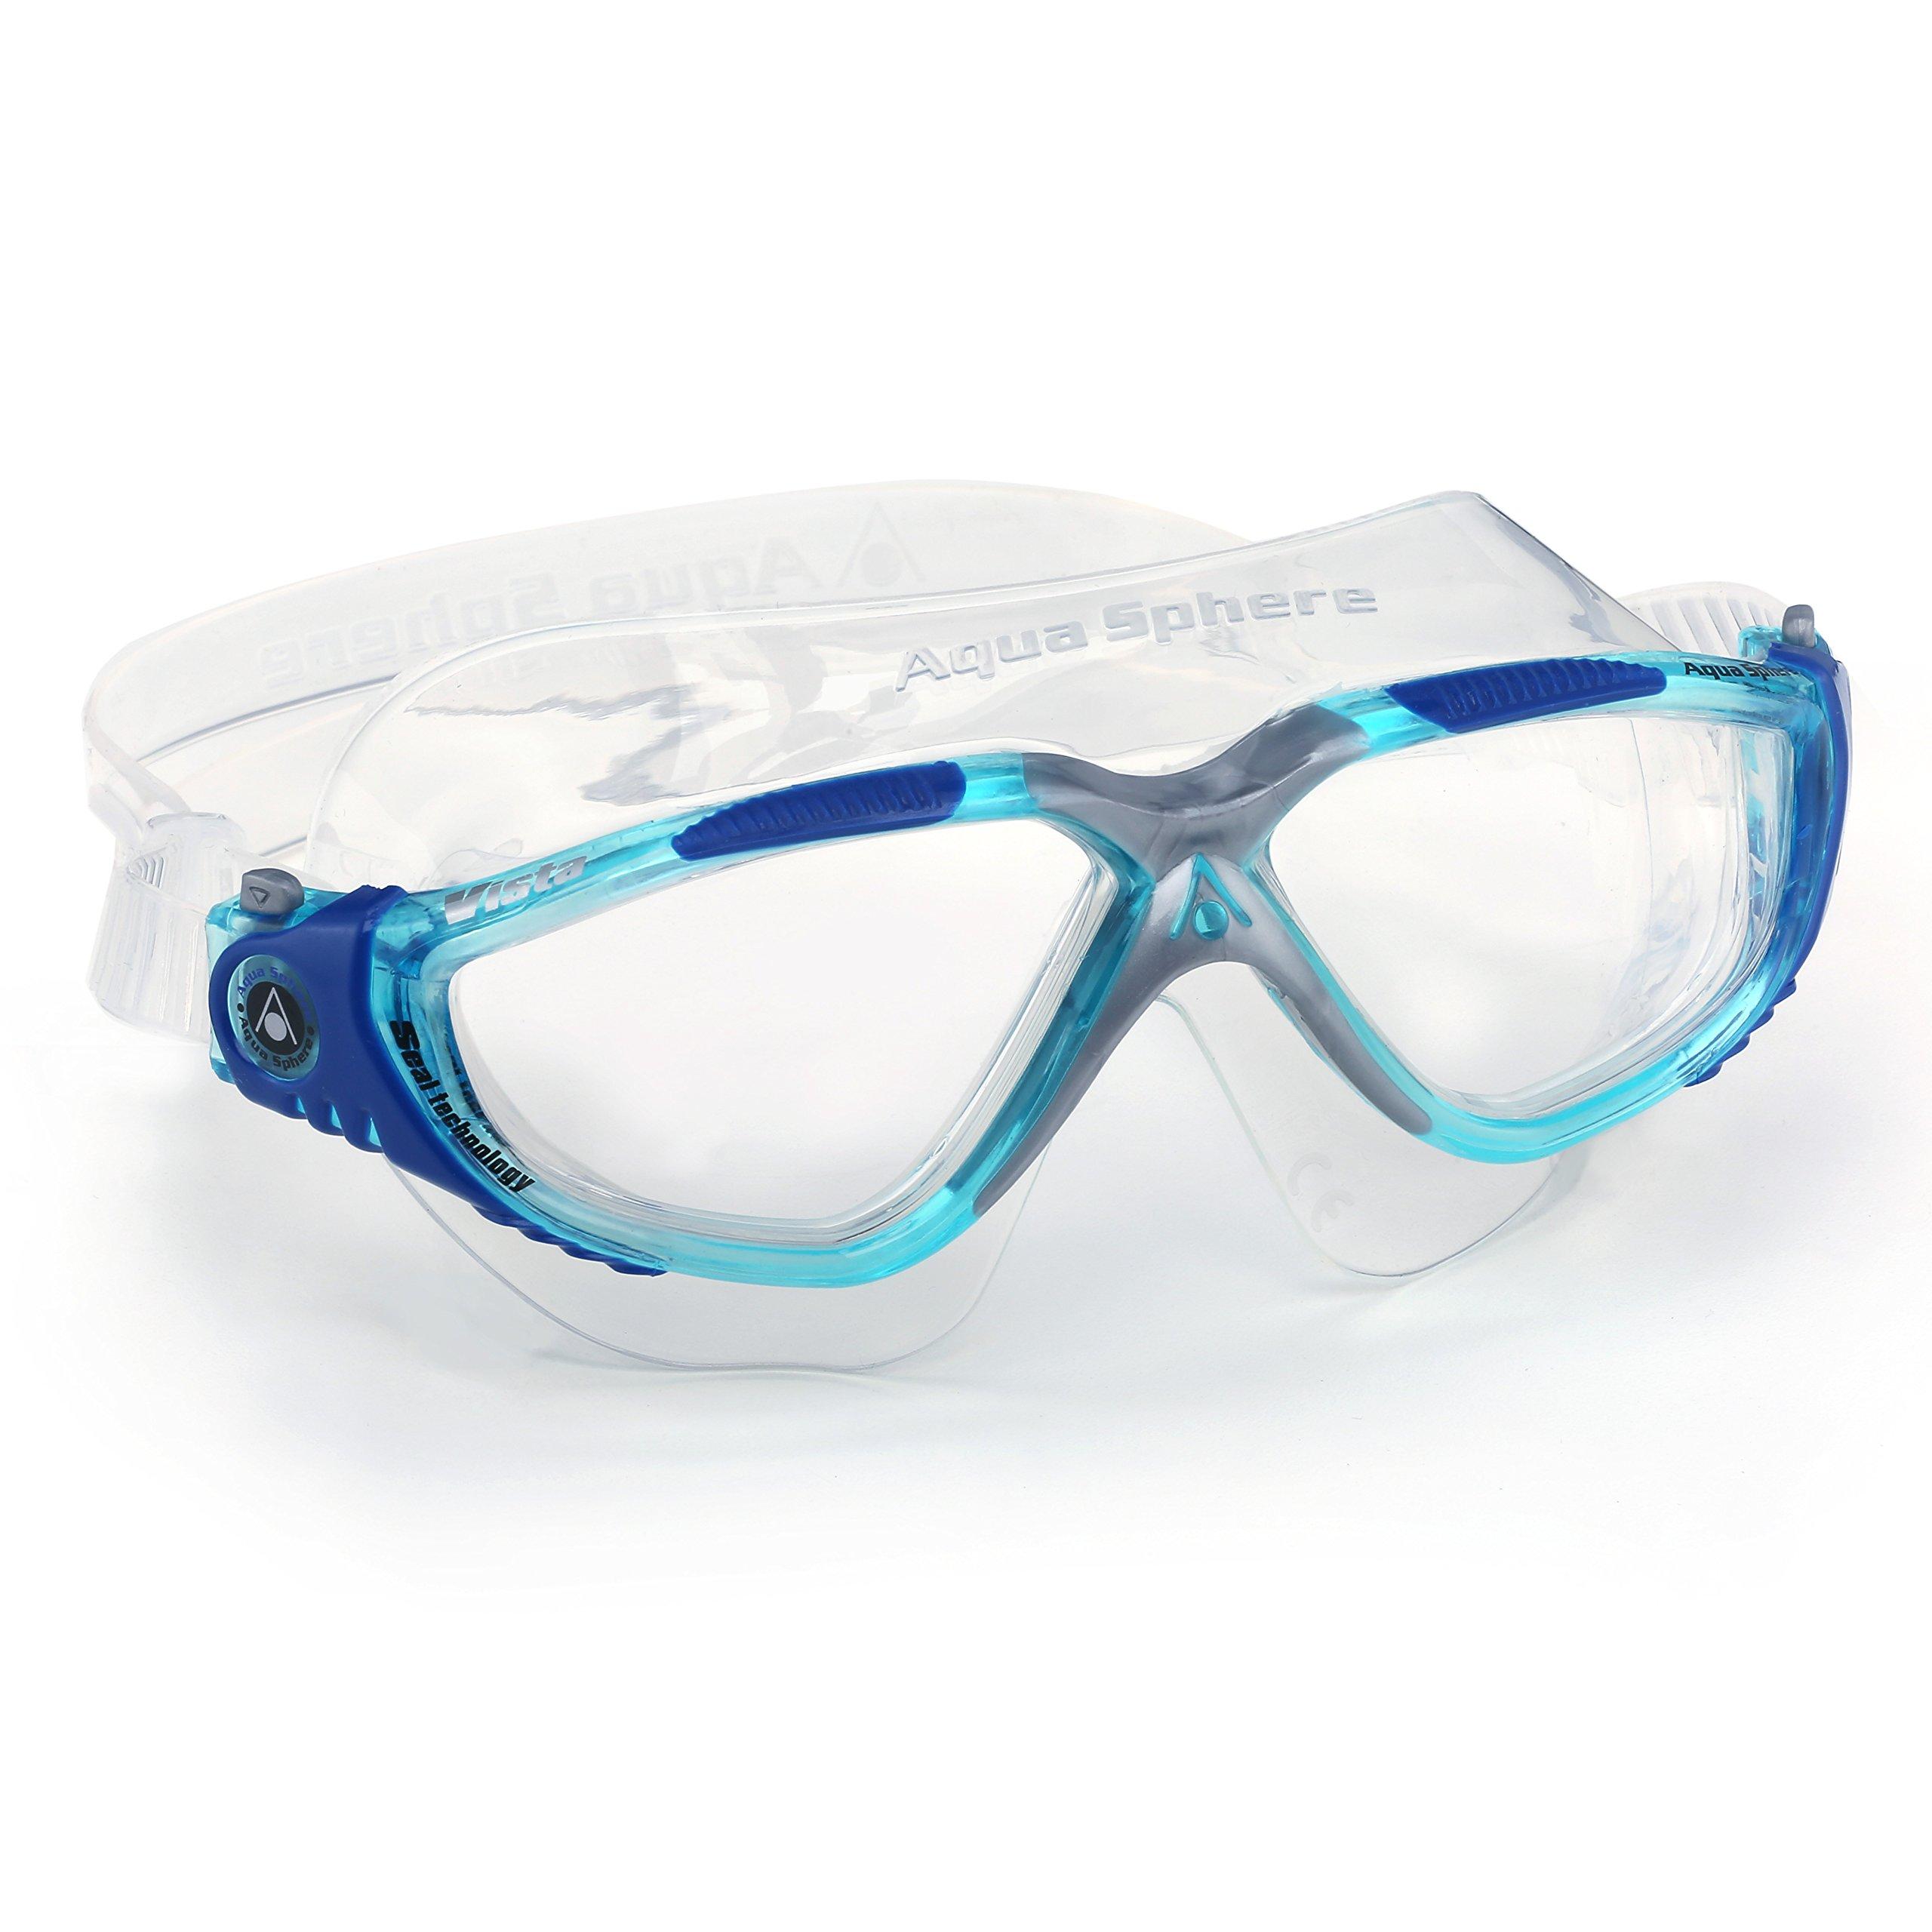 Aqua Sphere Vista Swim Mask Goggles, Clear, Aqua/Blue/Grey